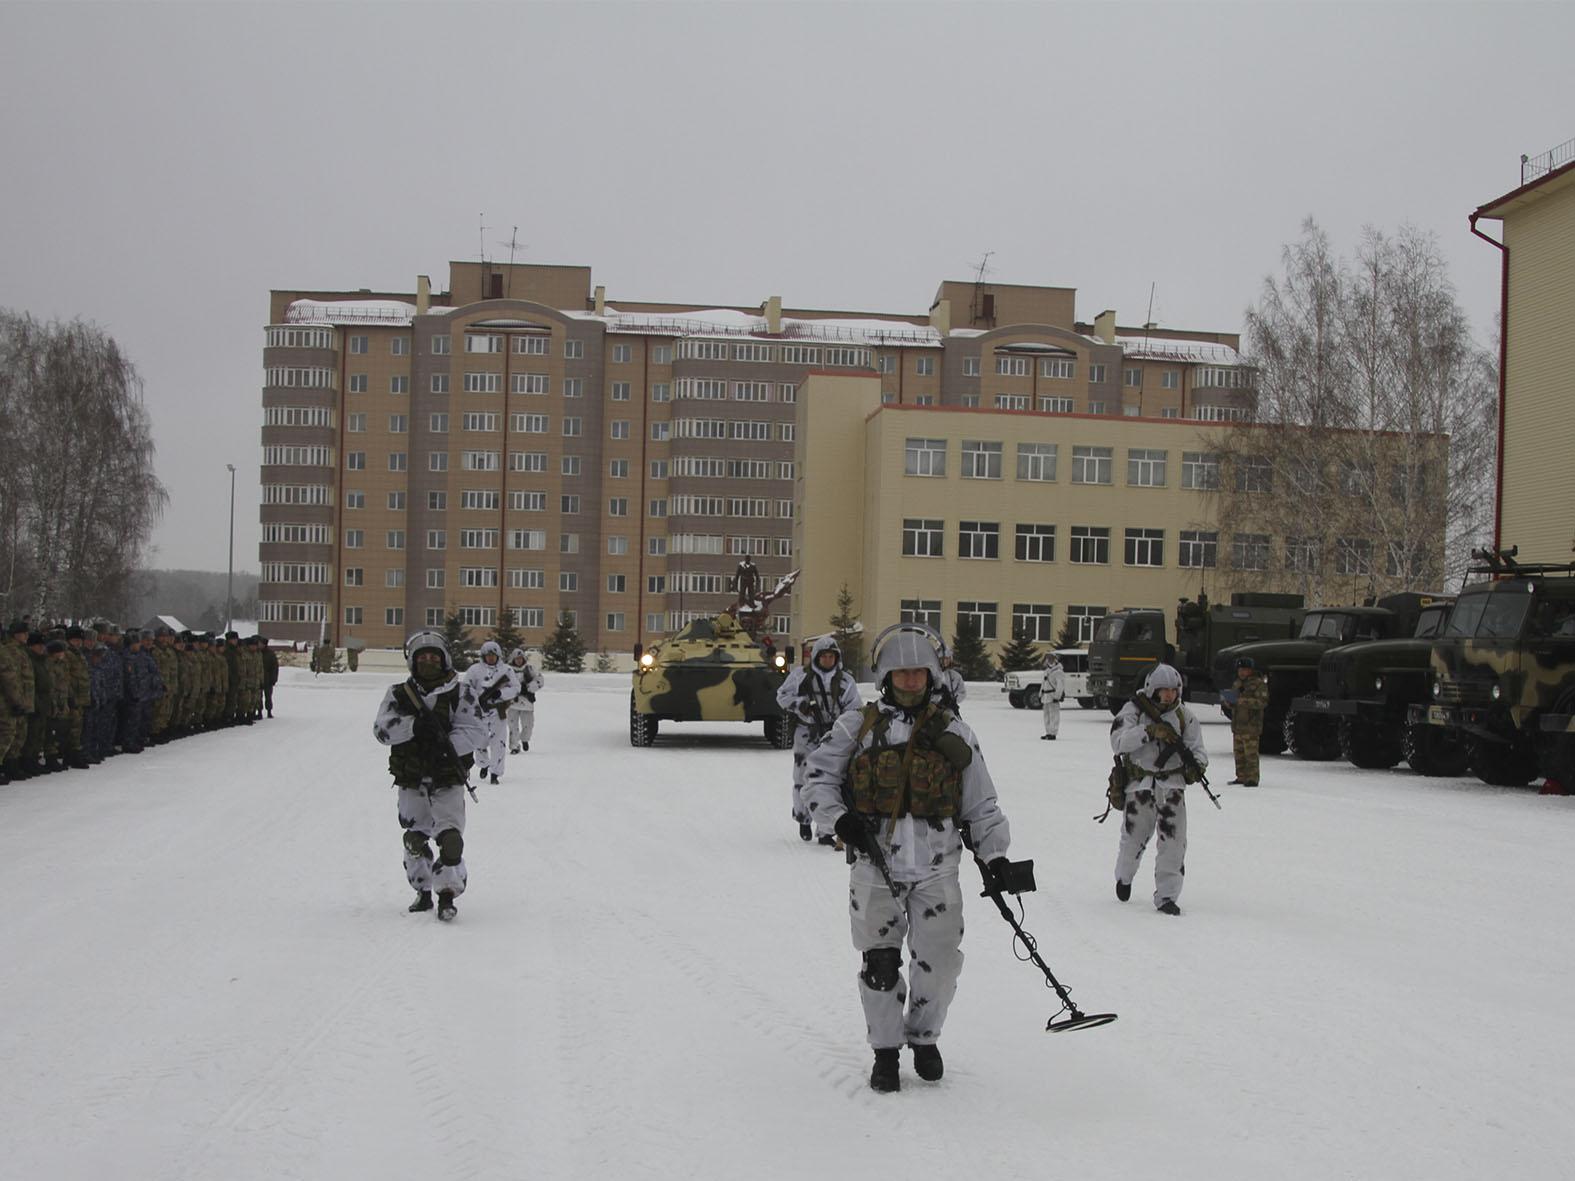 Участники оперативного сбора руководящего состава Сибирского округа Росгвардии приступили к занятиям по направлениям деятельности